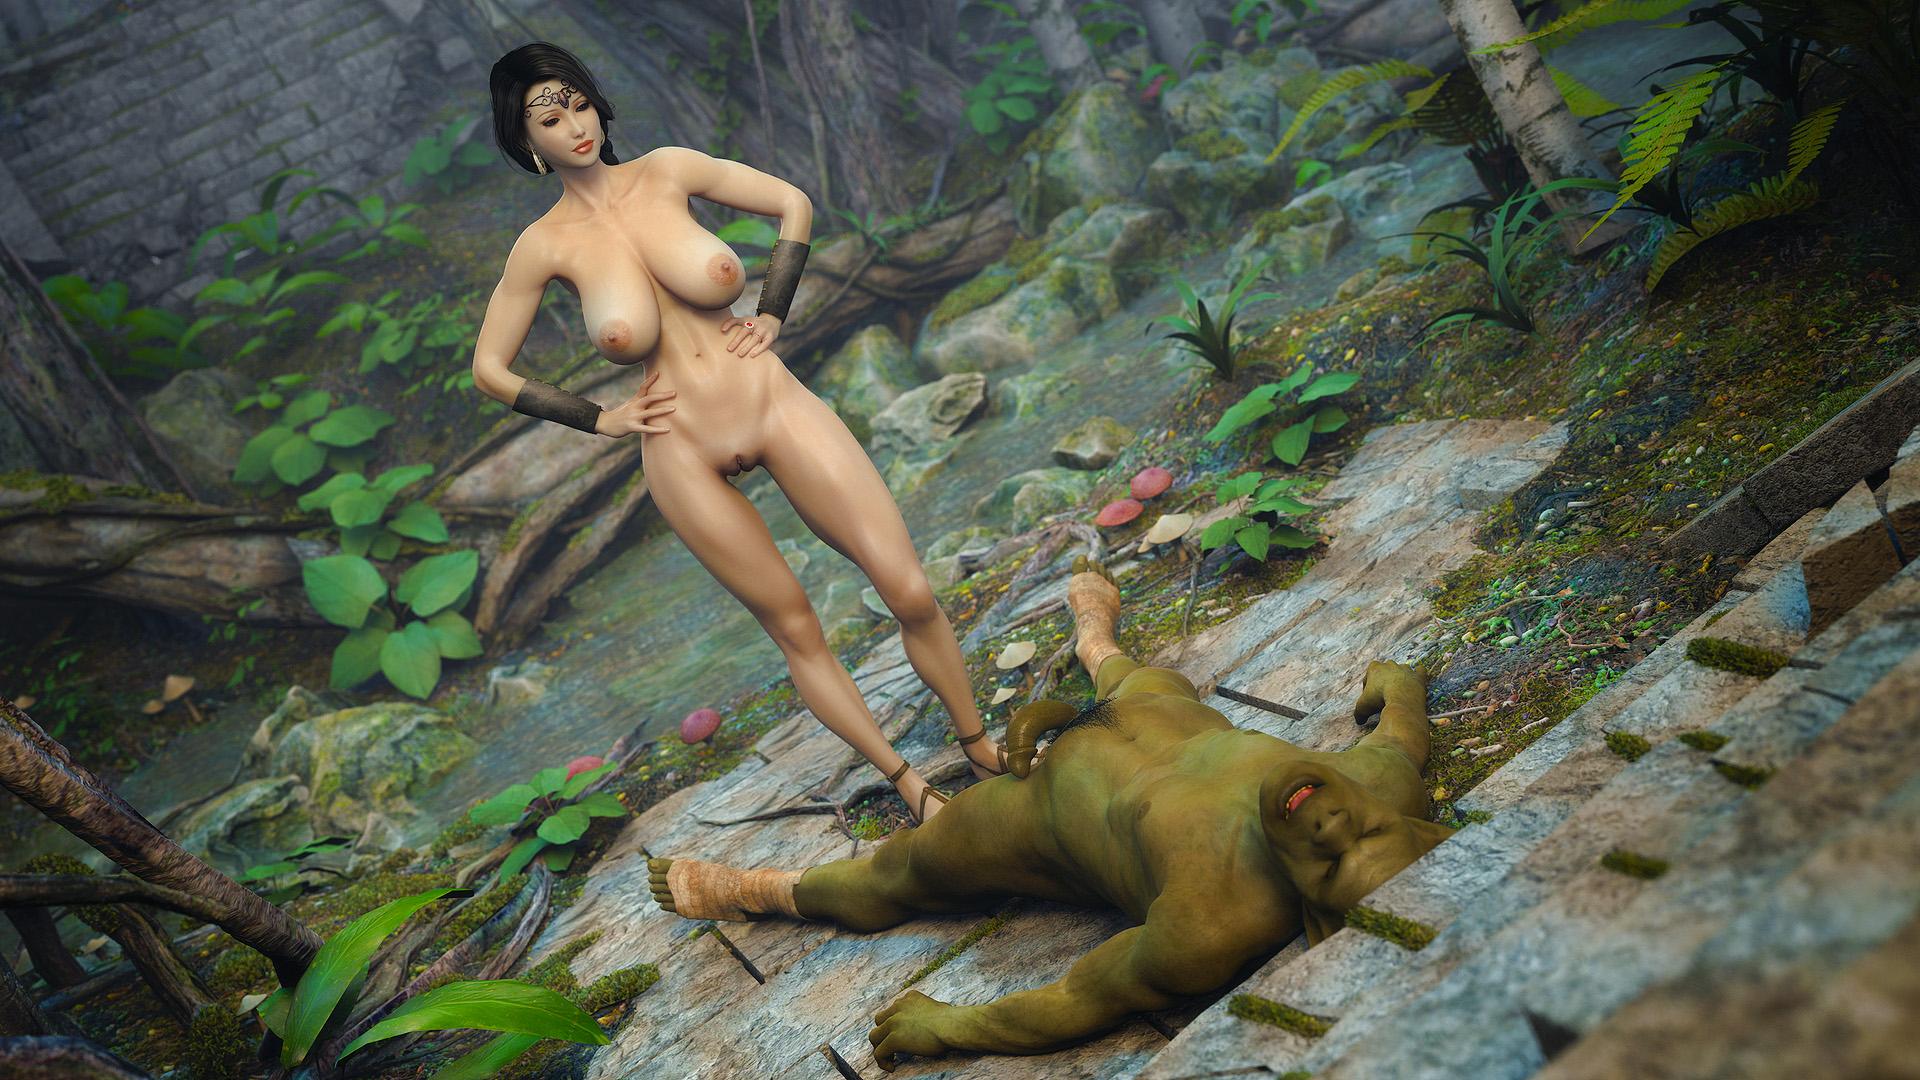 eroticheskie-fantazii-svoimi-slovami